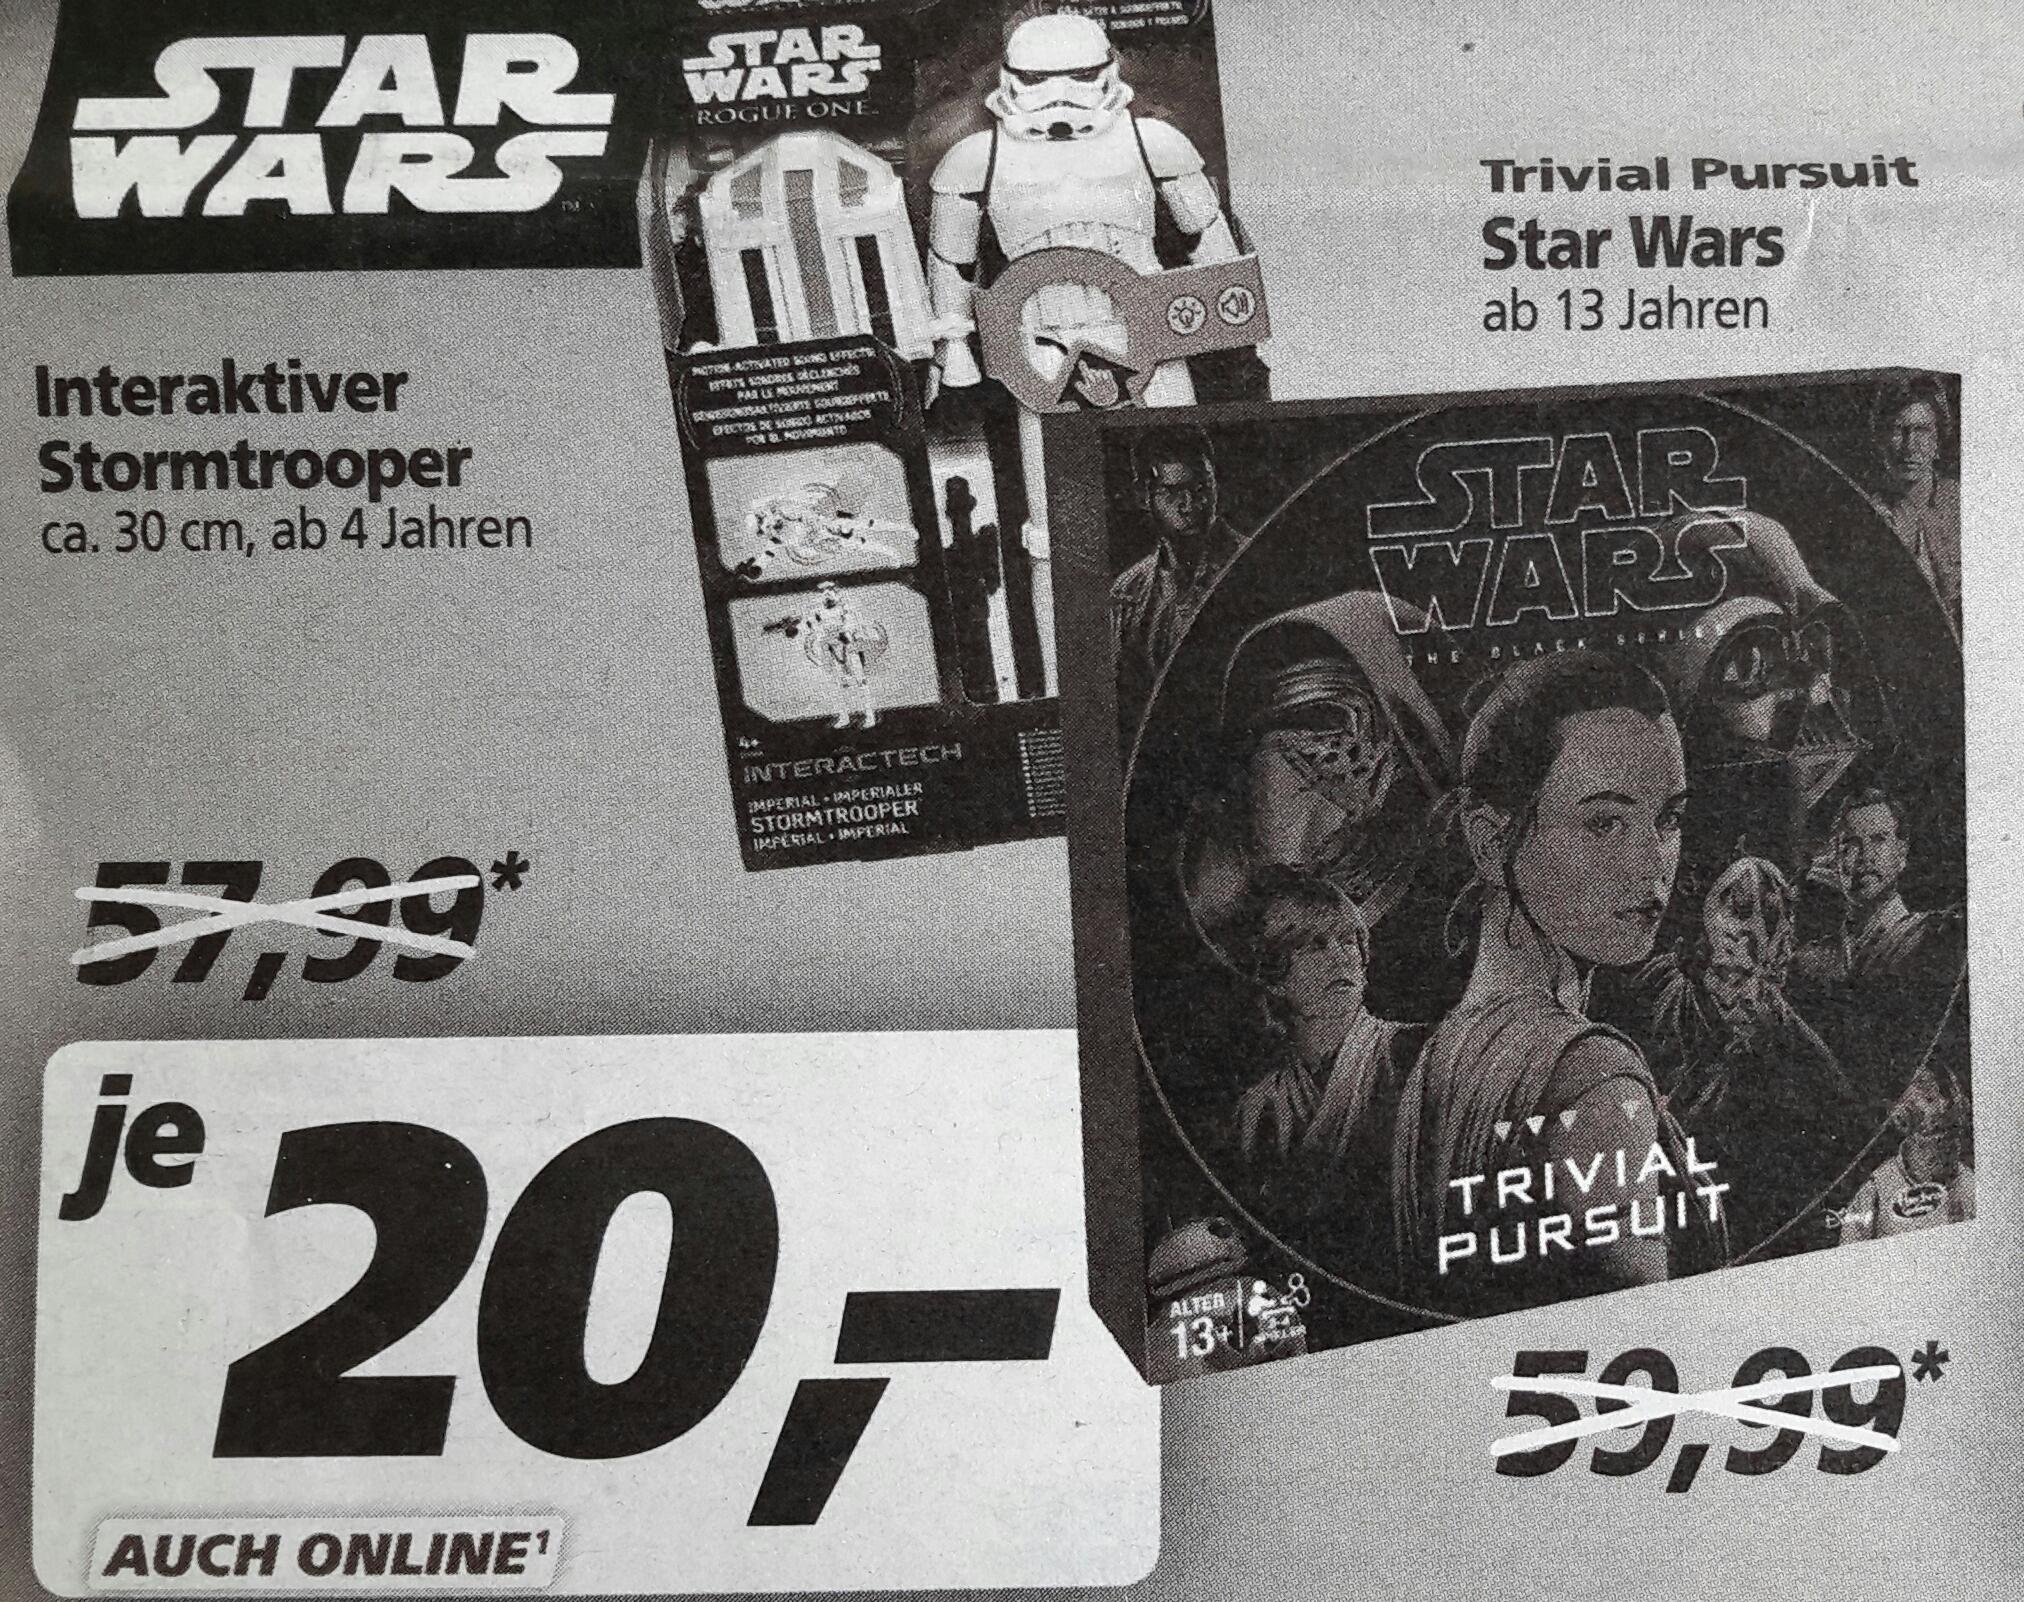 [Real on- und offline] Trivial Pursuit Star Wars von Hasbro für 20,00 € ab 13.03.17